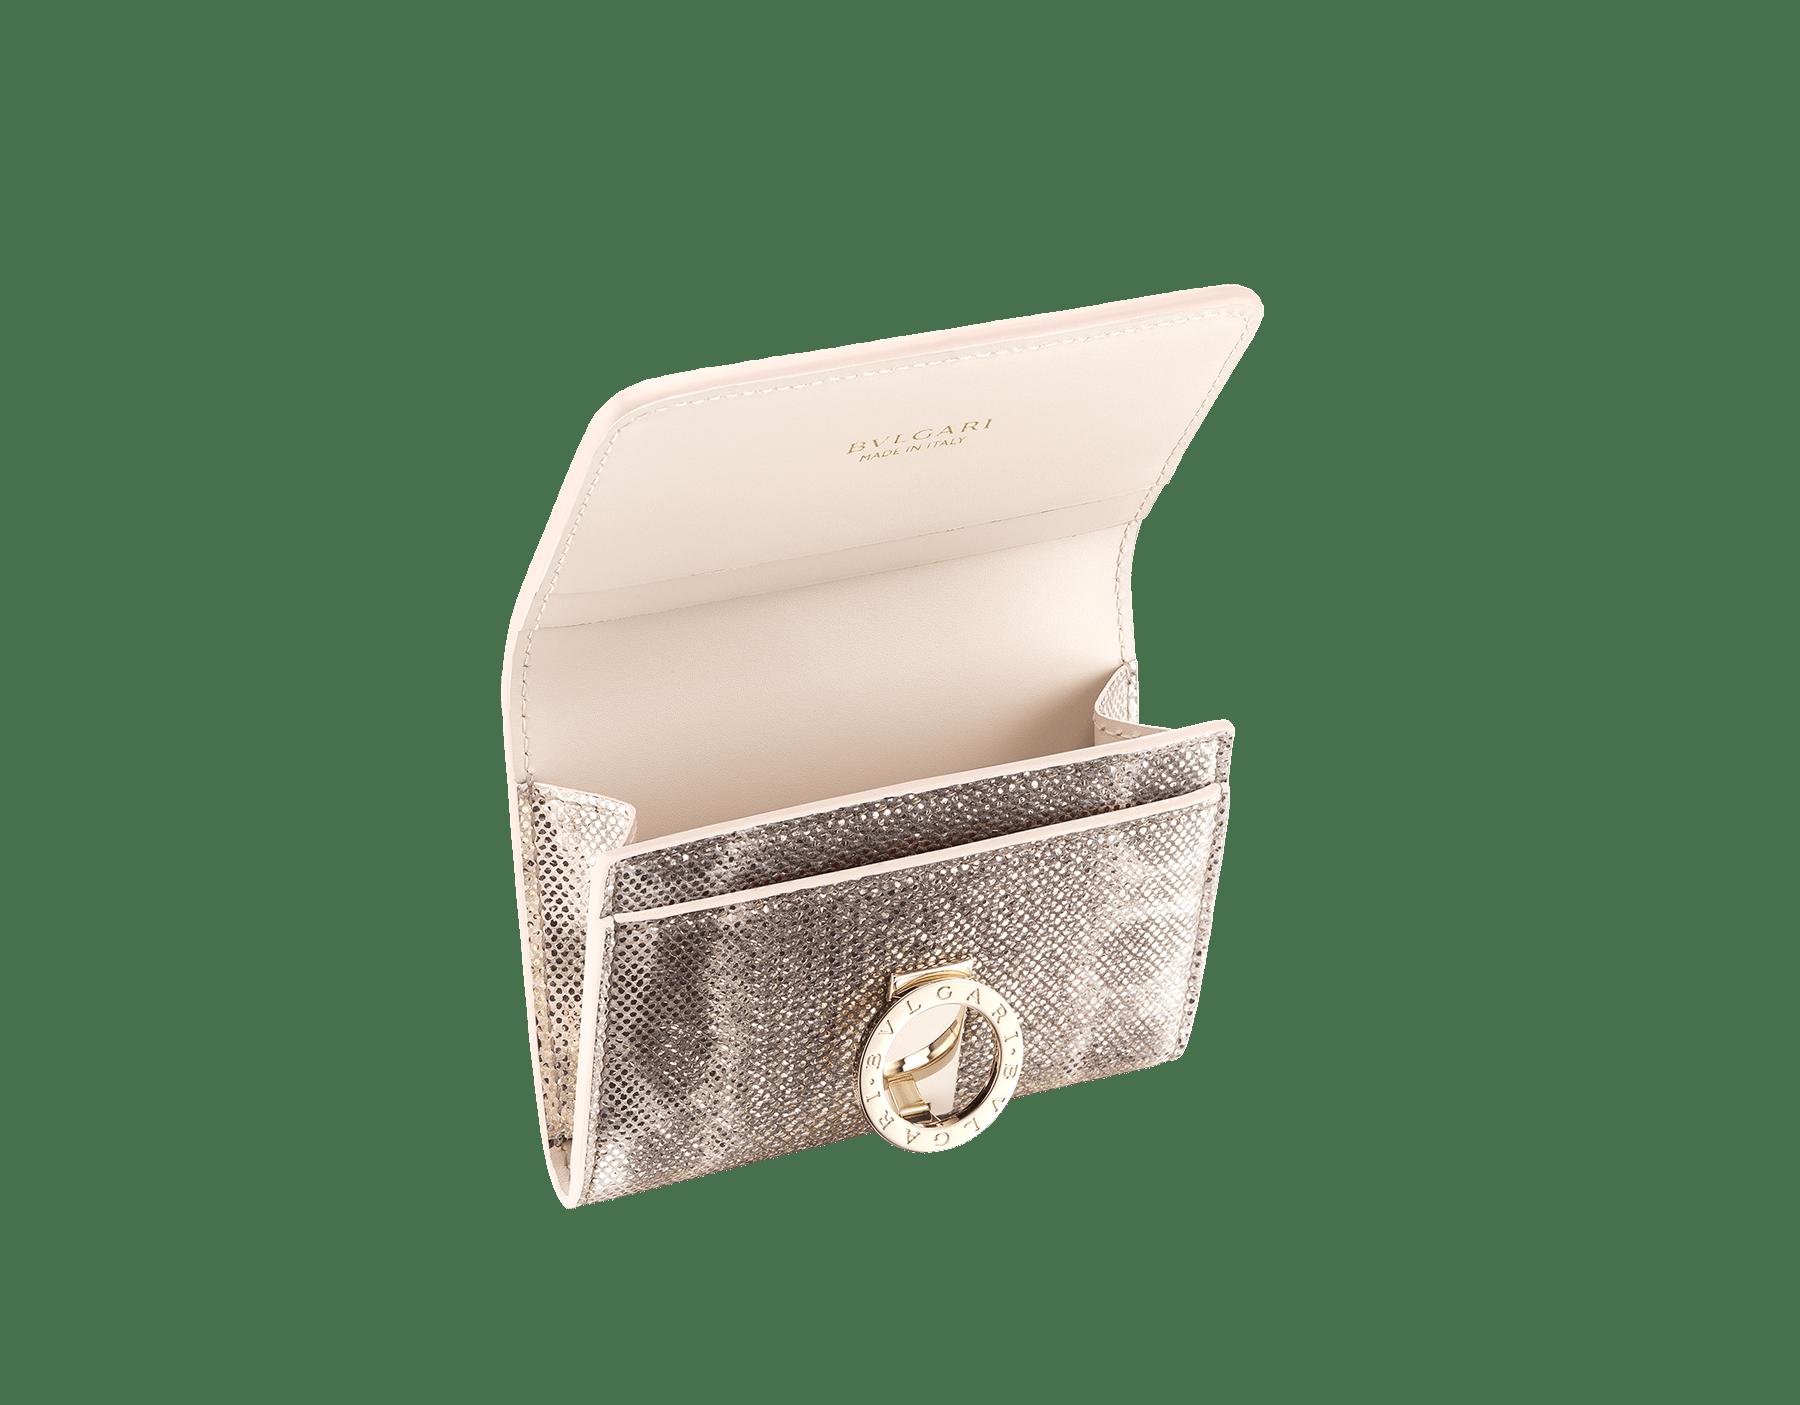 Porta-cartão de visita BVLGARIBVLGARI em couro karung opala-leitosa metálico e couro de novilho opala-leitosa, com napa coral-estrela-do-mar. Icônico fecho de clipe com logotipo em metal banhado a ouro claro. 288282 image 2